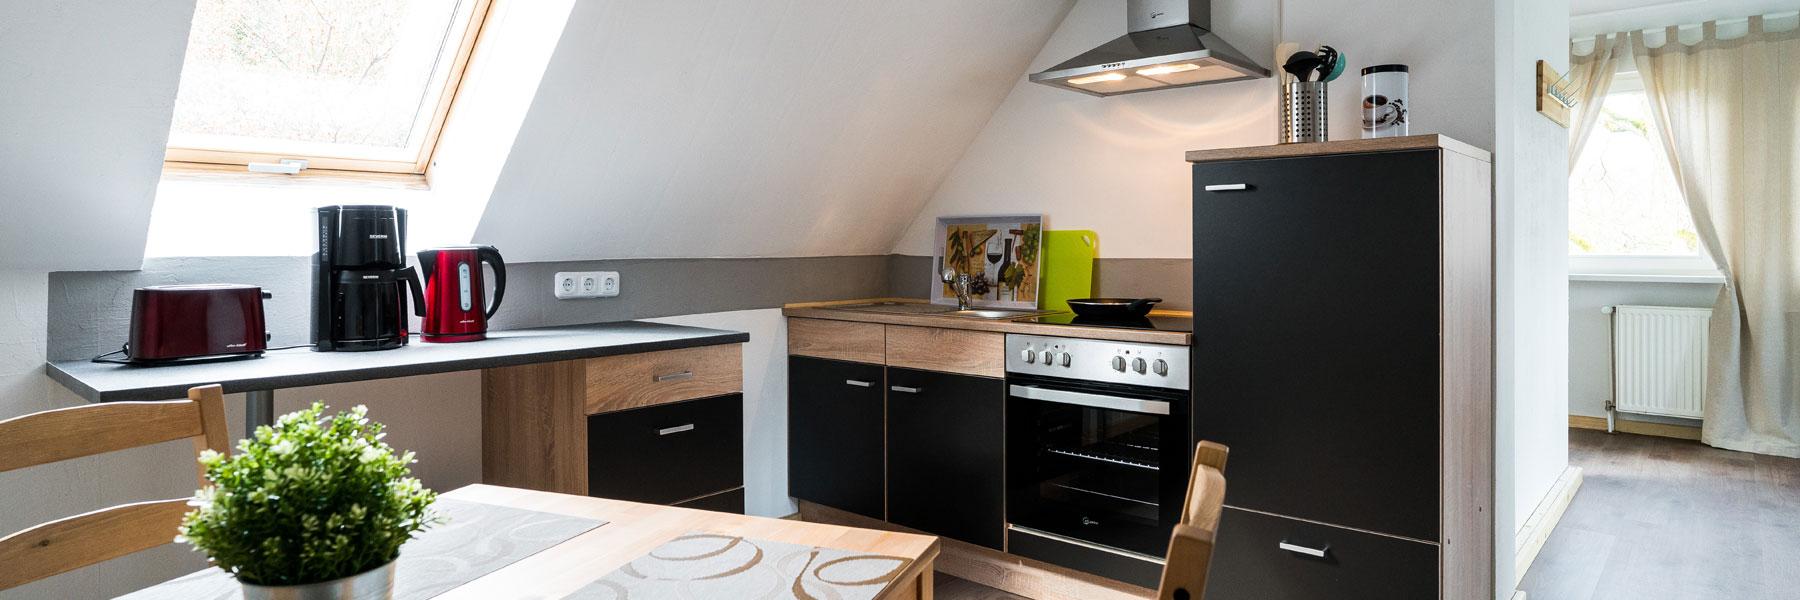 Küche - Landhotel & Restaurant Prälank